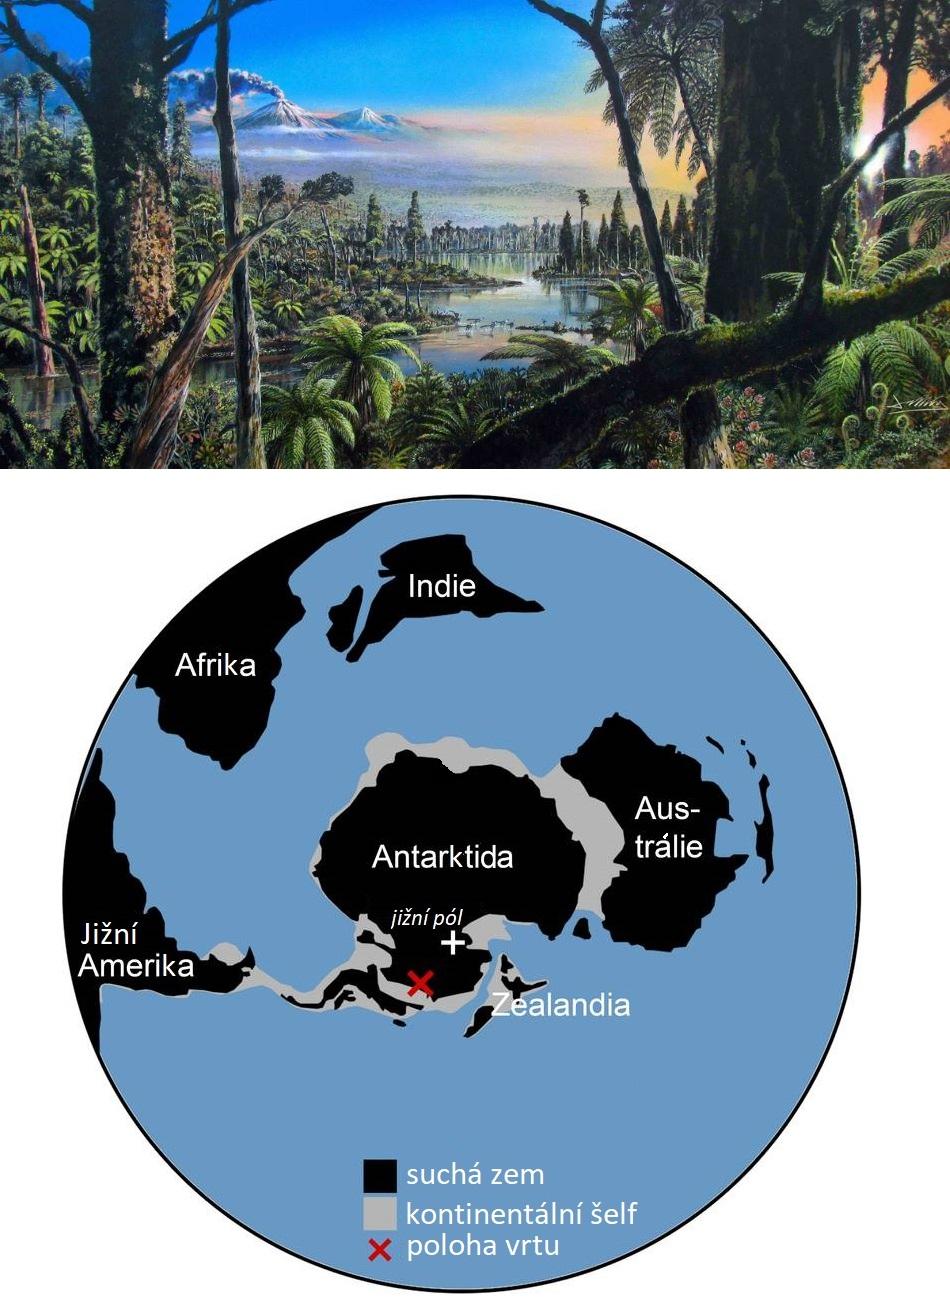 Nahoře možný vzhled křídového antarktického pralesa, dole jižní polární oblast v době vzniku usazenin před nějakými 90 miliony let, obr. Alfred-Wegener-Institut, James McKay, Creative Commons licence CC-BY 4.0.